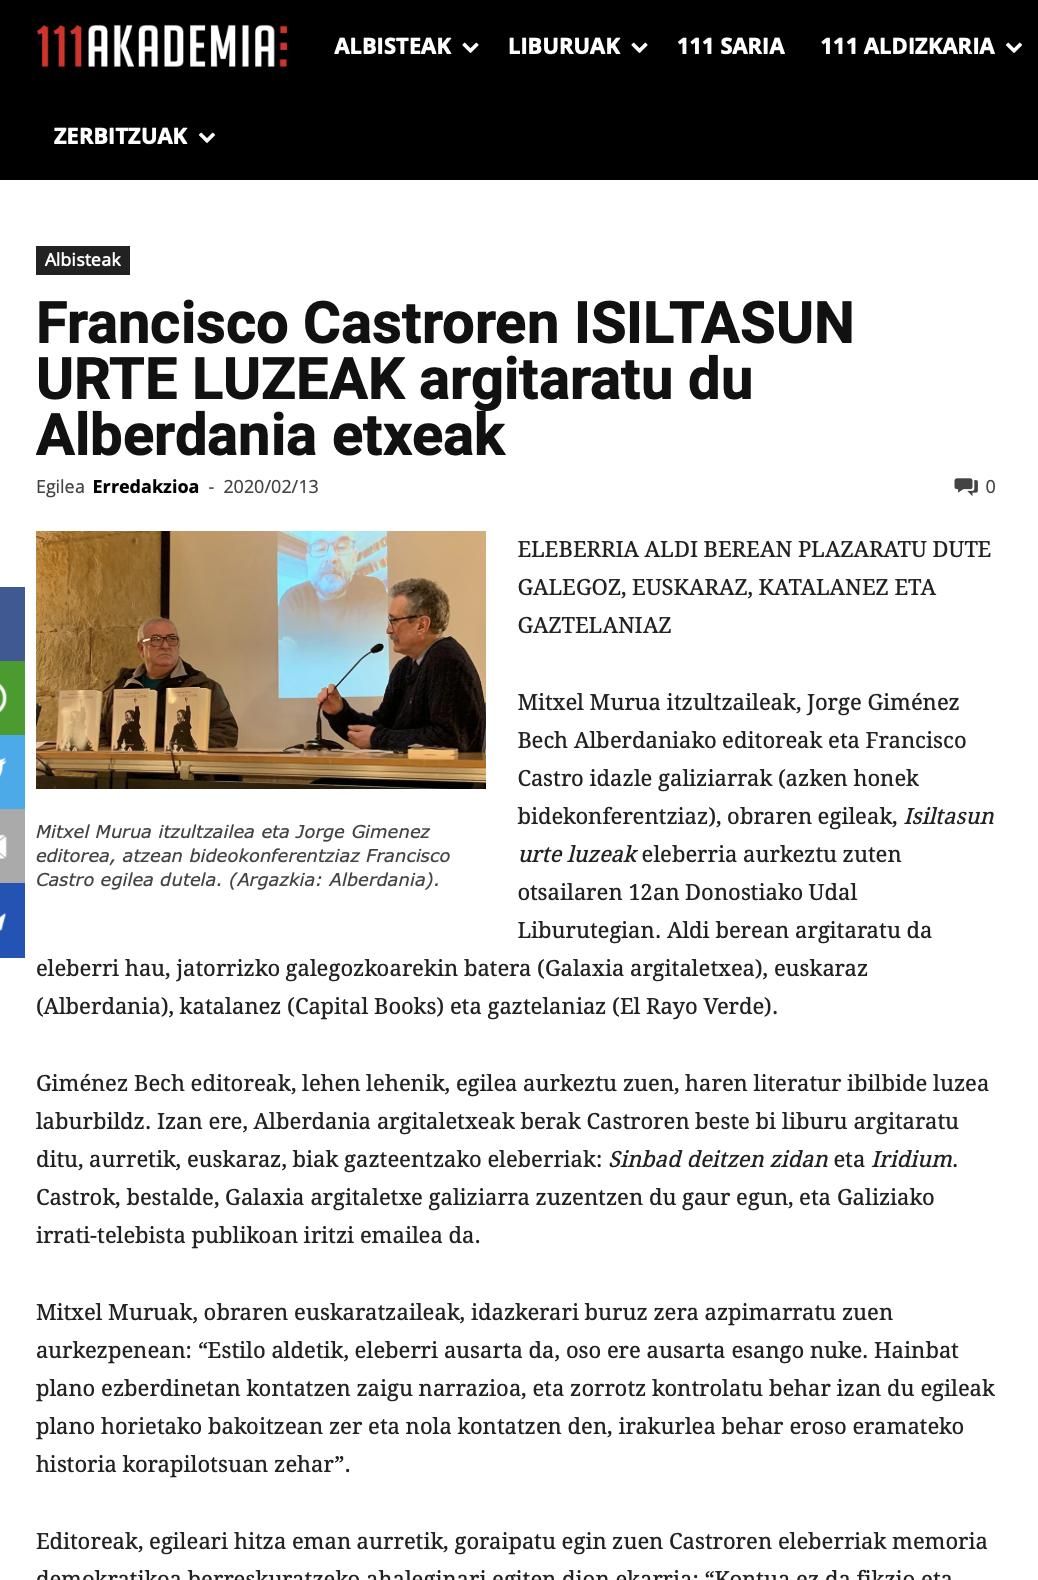 """111Akademia: """"Francisco Castroren ISILTASUN URTE LUZEAK argitaratu du Alberdania etxeak"""""""